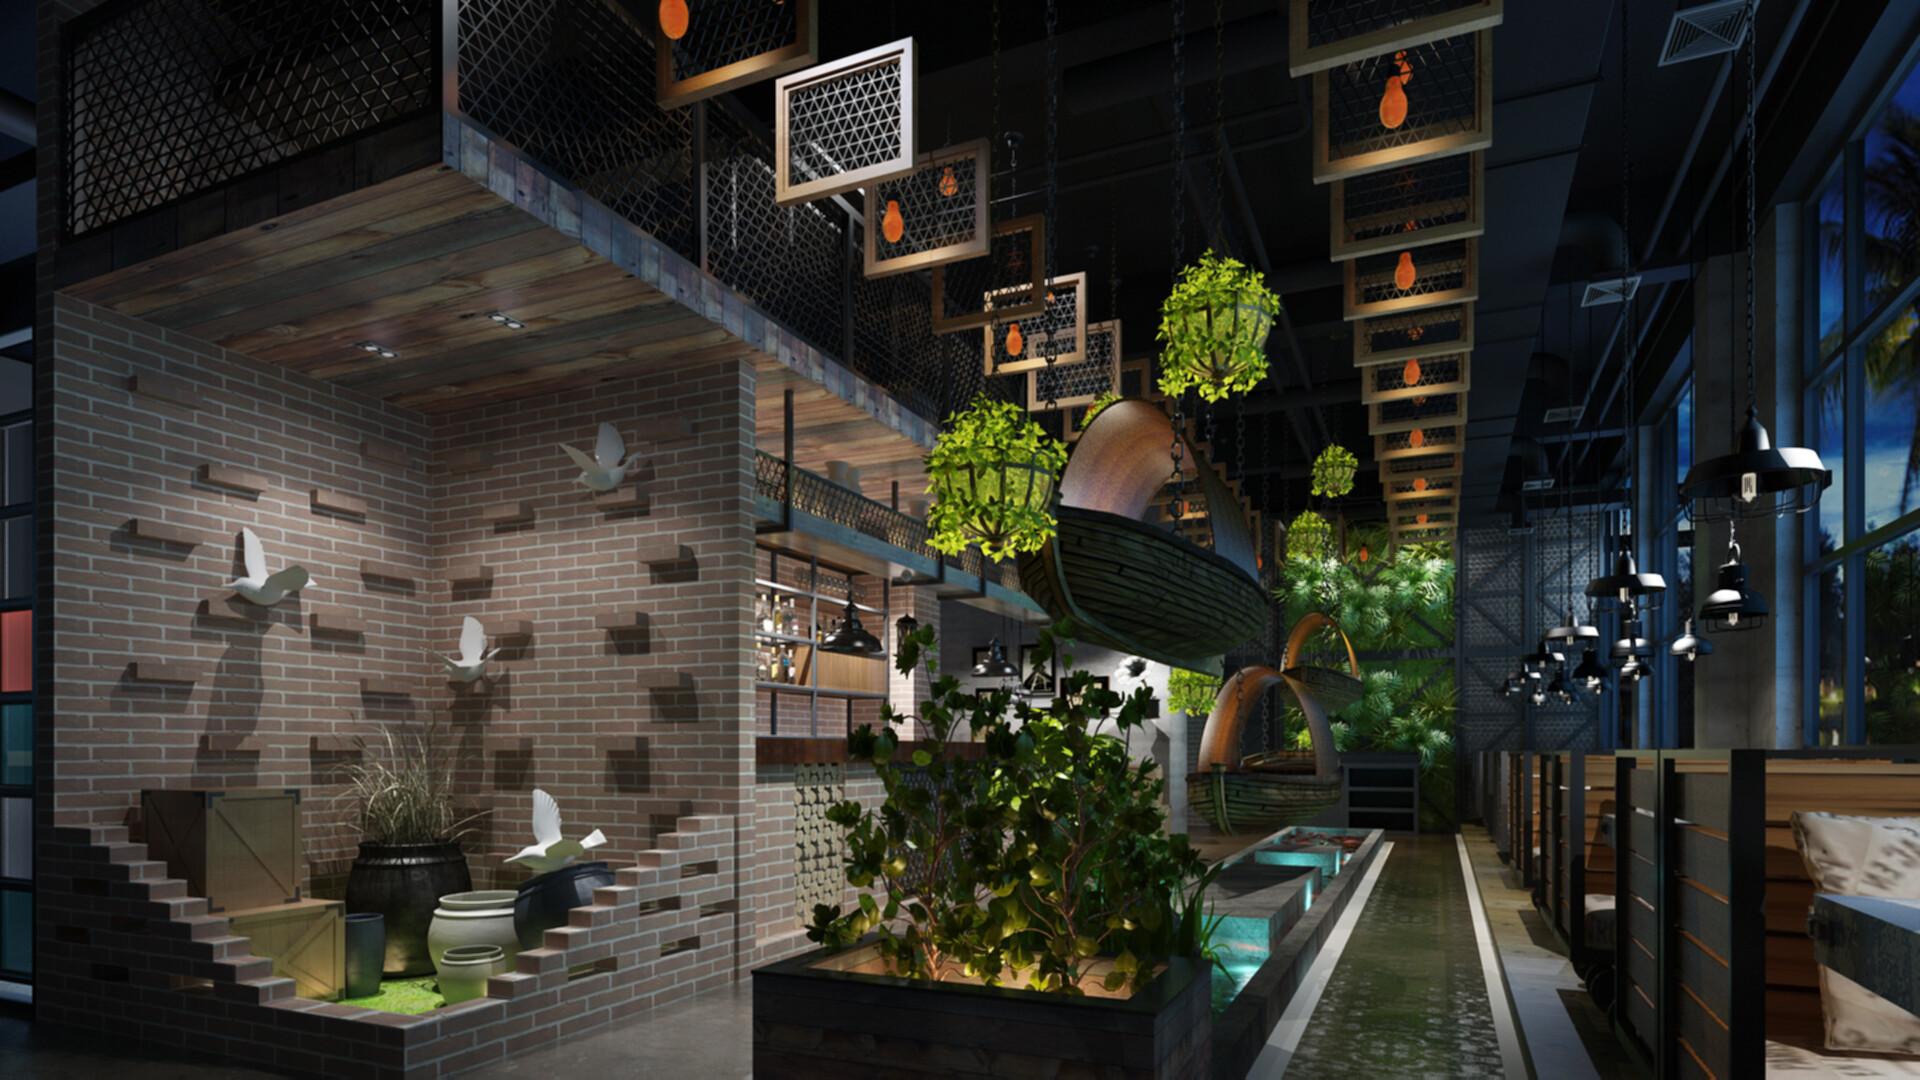 Artstation Industrial Themed Cafe Restaurant Interior Mazin Nasra